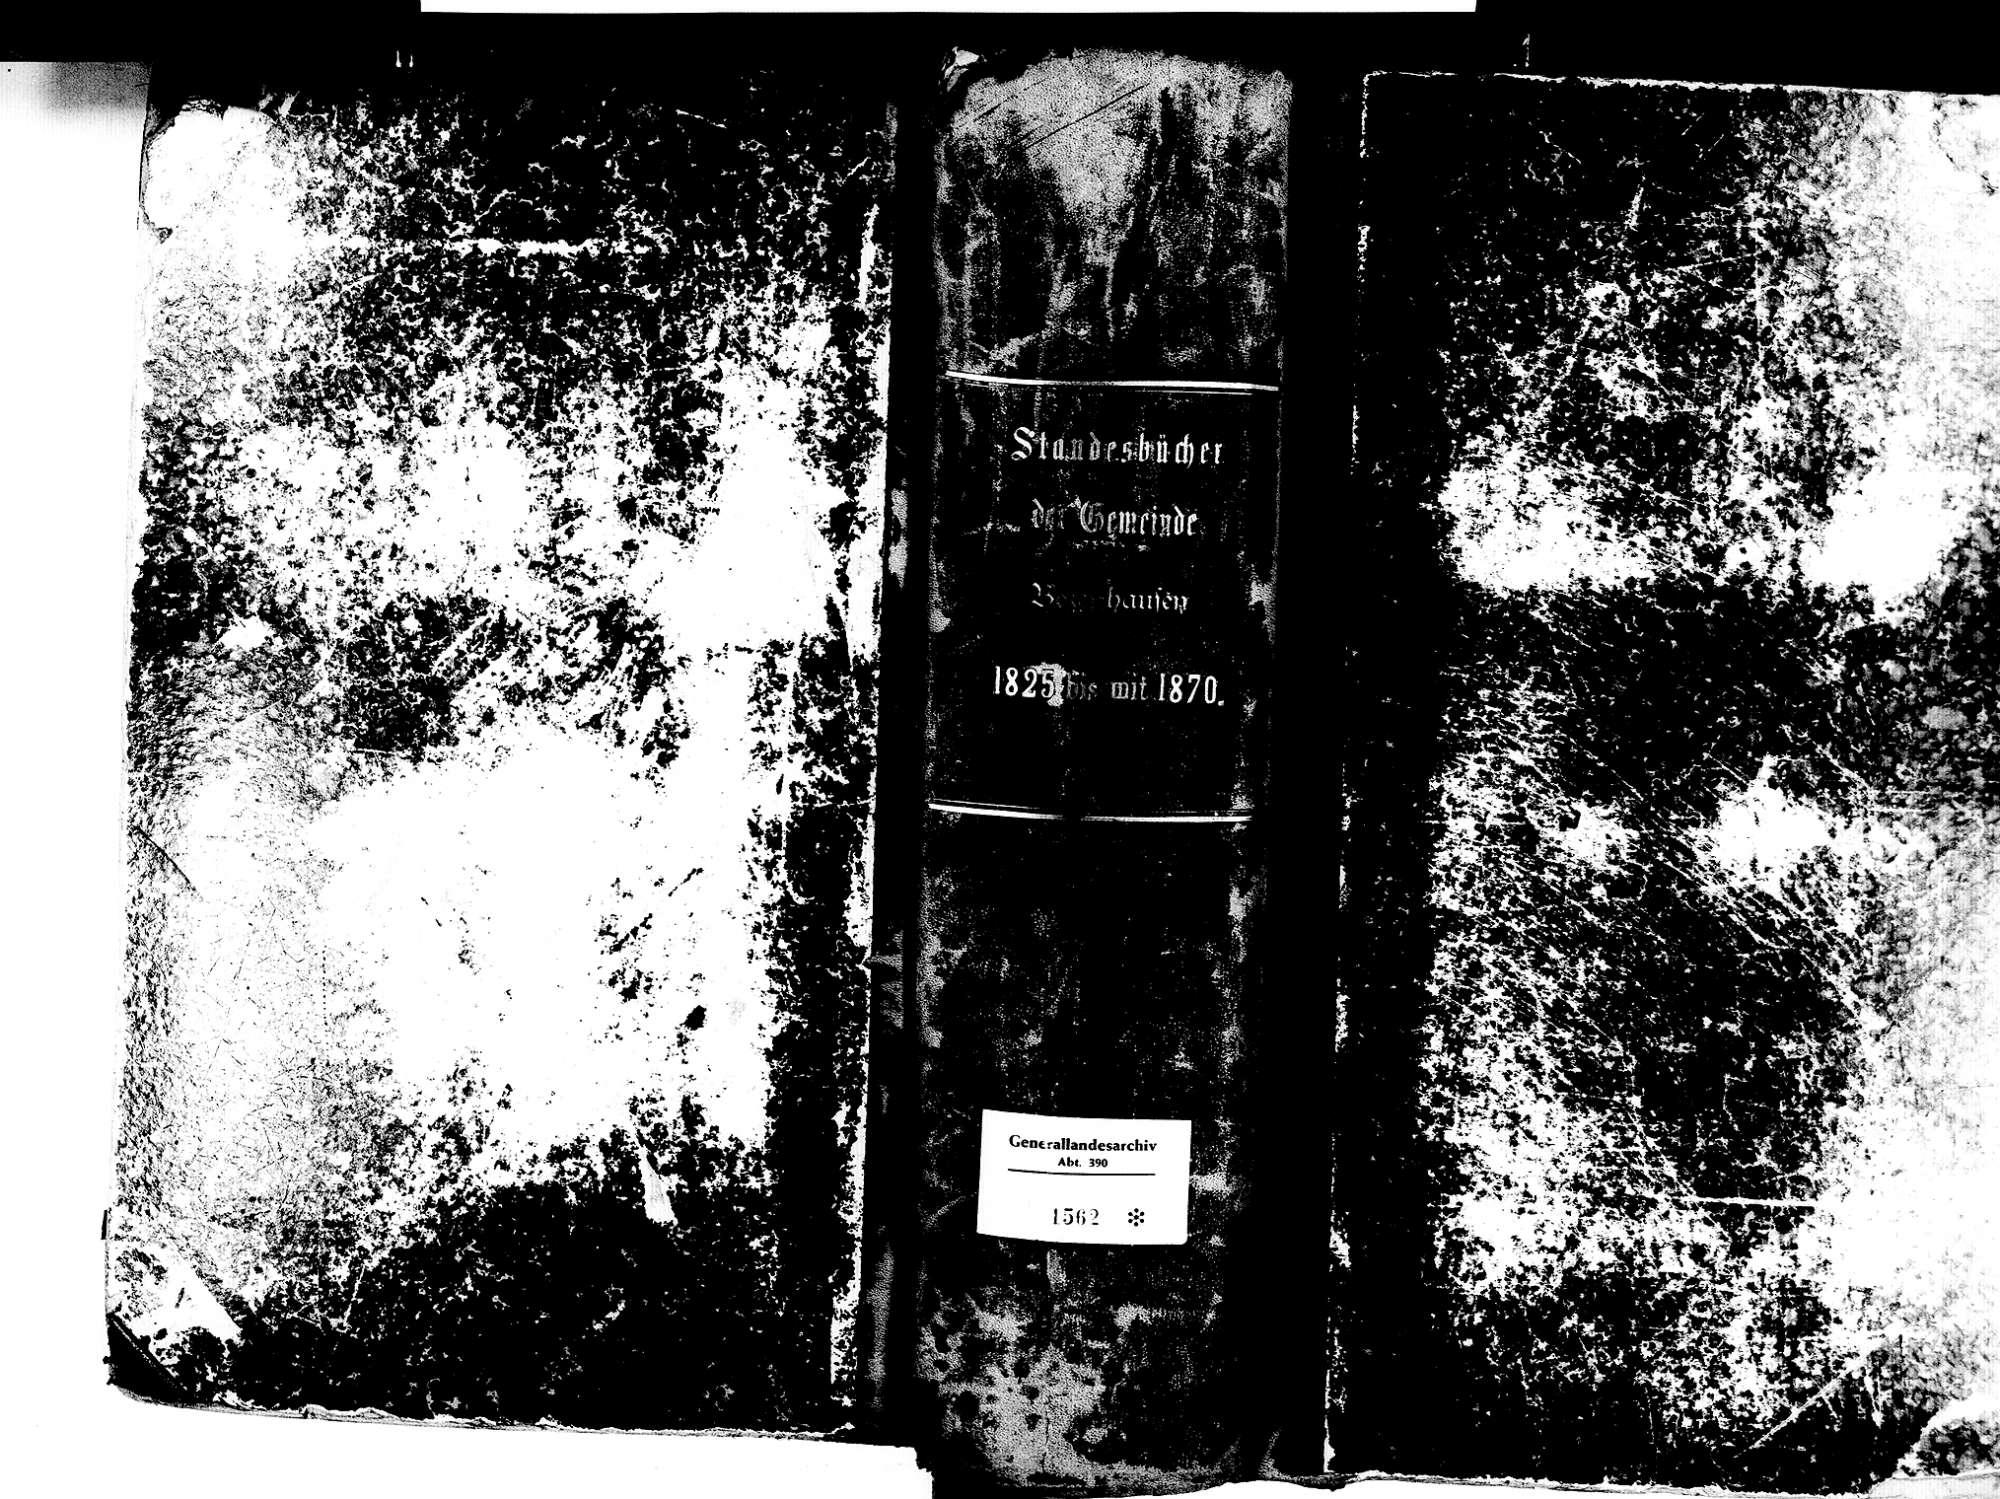 Betzenhausen, Freiburg FR; Katholische Gemeinde: Standesbuch 1825-1870 Enthält auch: Einträge zu Katholische Gemeinde: St. Martin, Bild 2